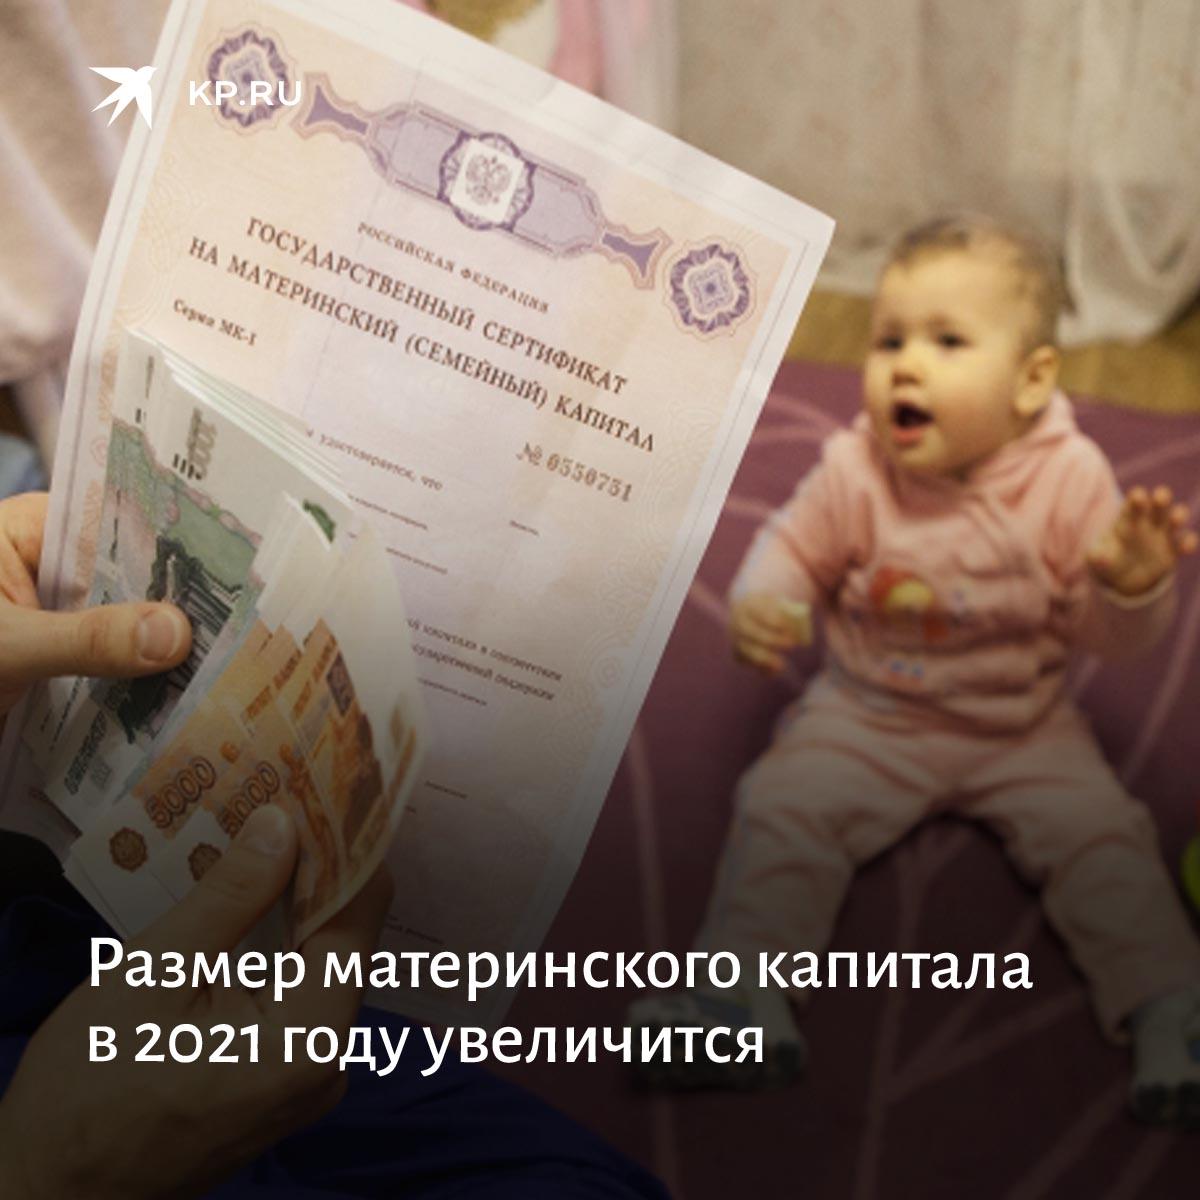 Материнский капитал продлили до 2026 года: последние новости, новый закон путина